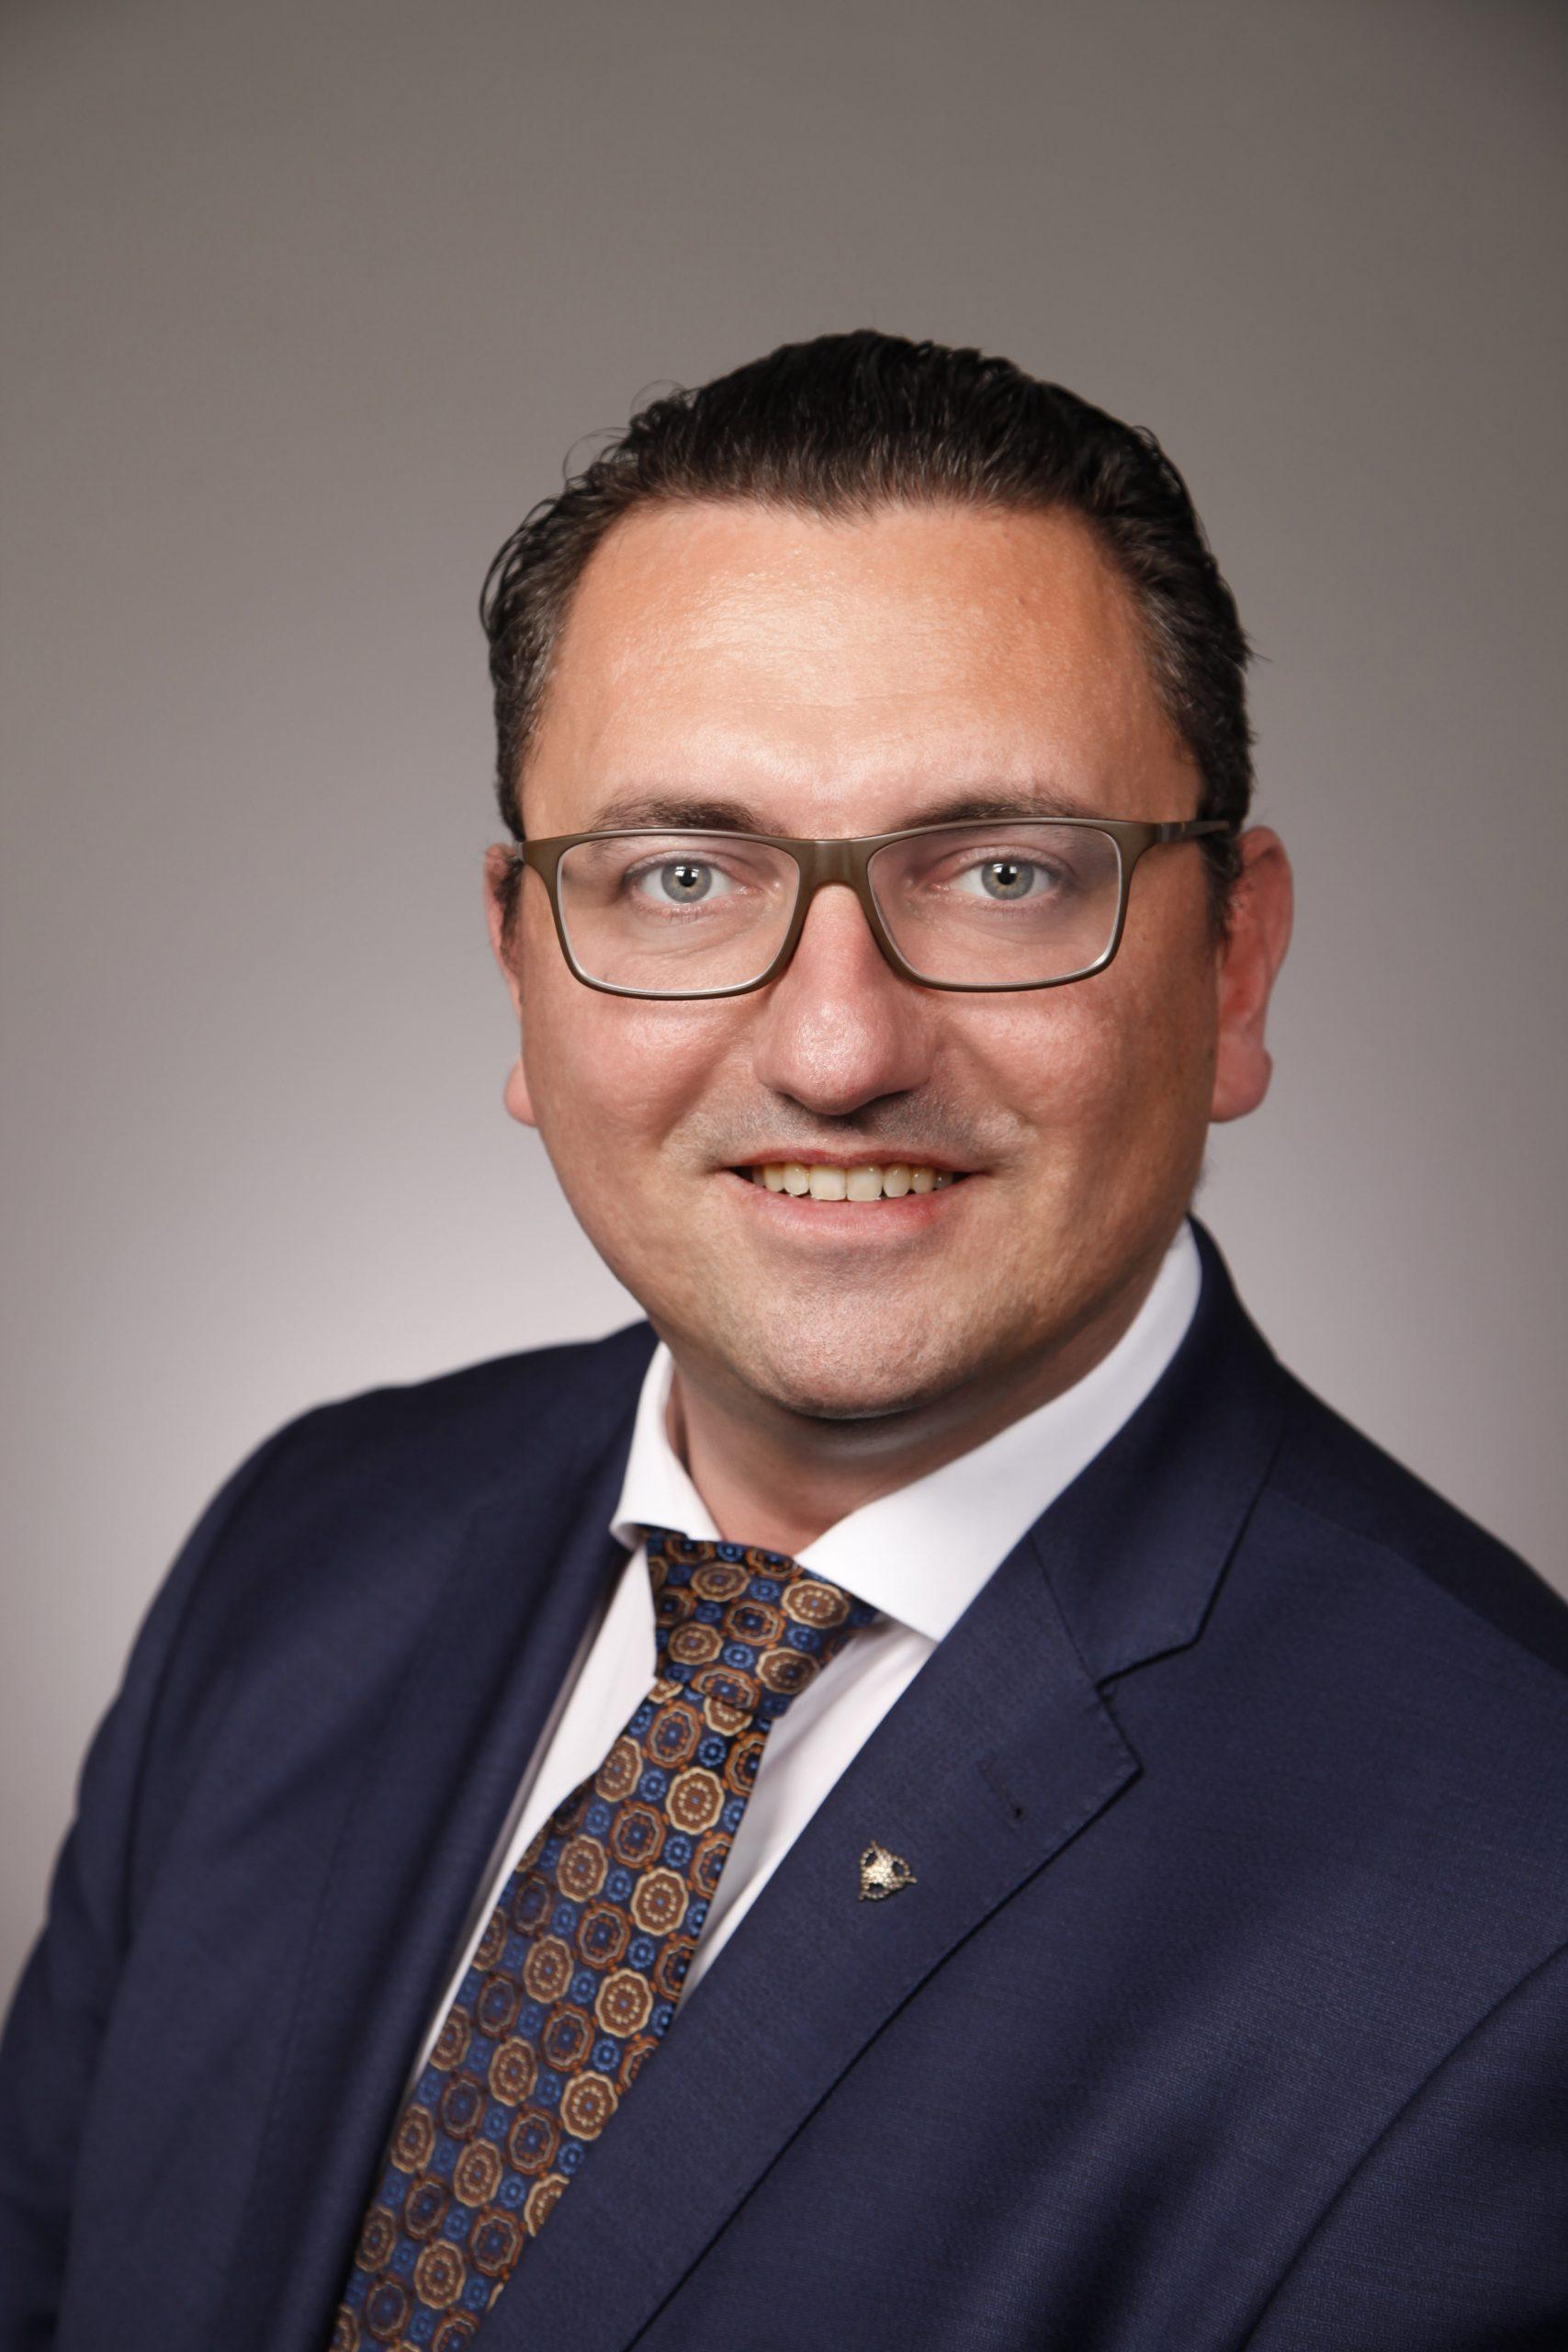 Dubravko Mandic